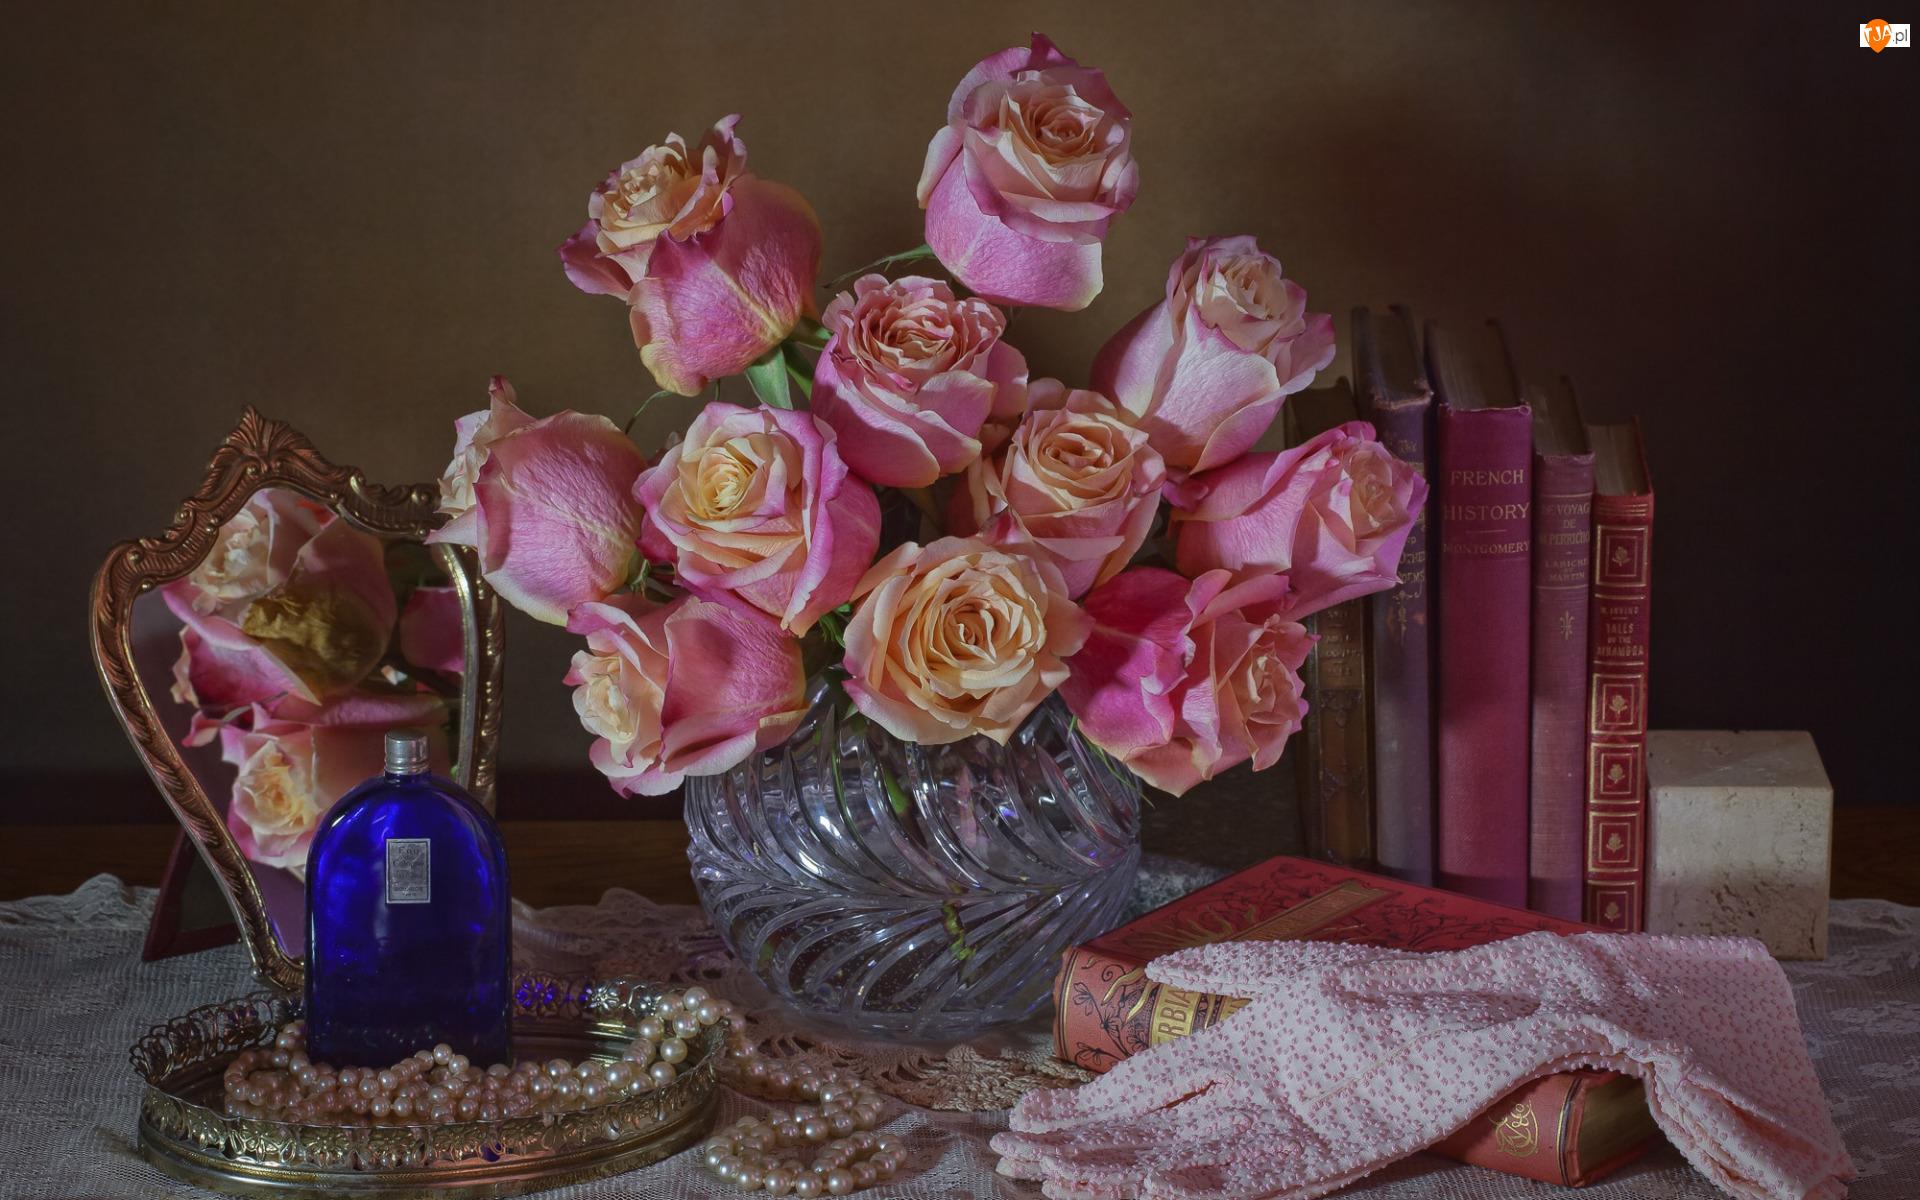 Lustro, Wazon, Książki, Perły, Bukiet, Perfum, Rękawiczki, Róże